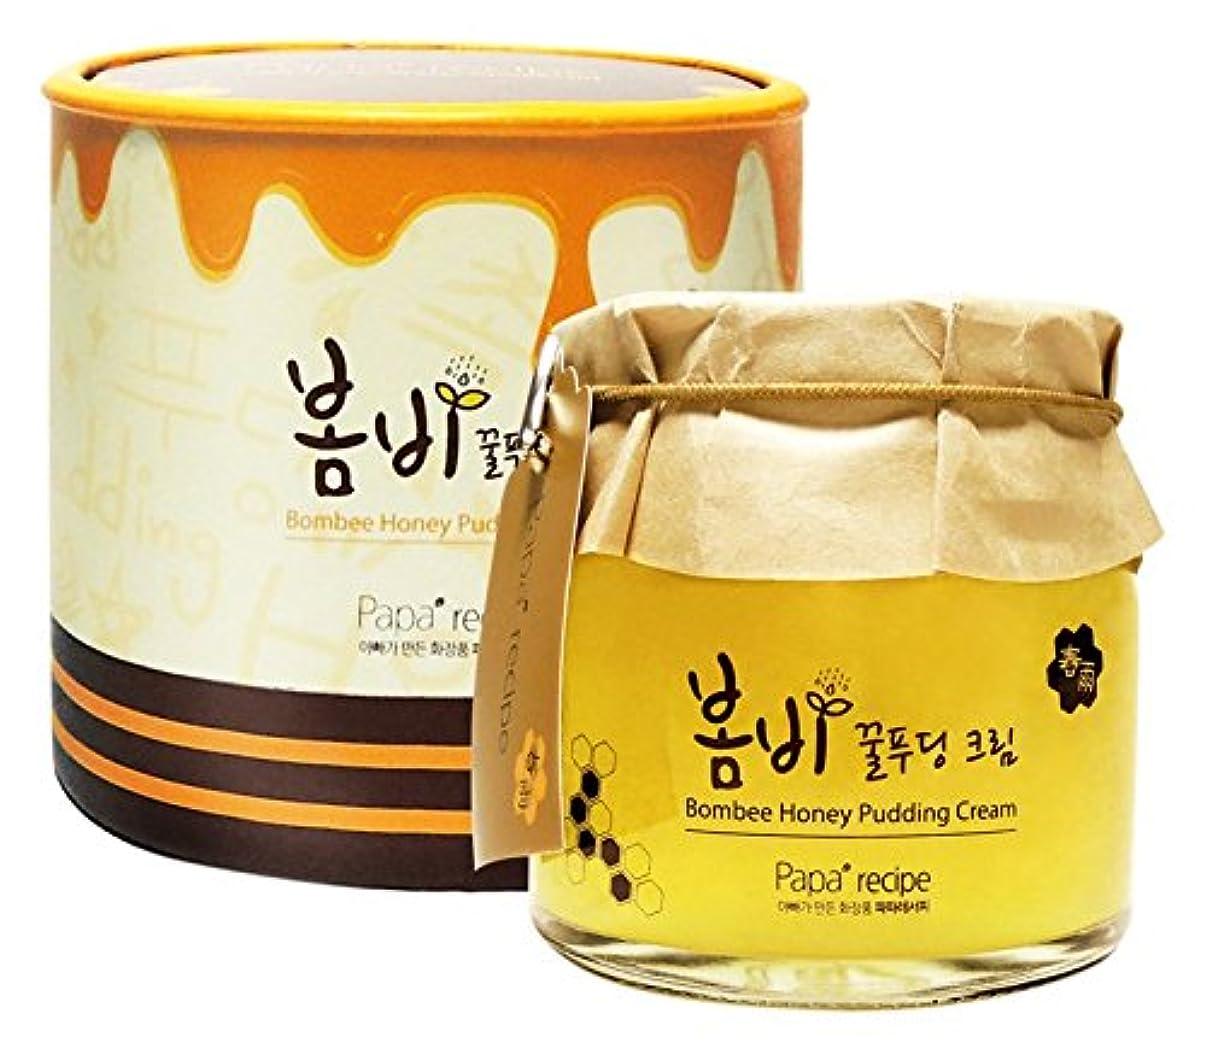 予言する怪しいマーガレットミッチェルPapa recipe Bombee Honey Pudding Cream 135ml/パパレシピ ボムビー ハニー プリン クリーム 135ml